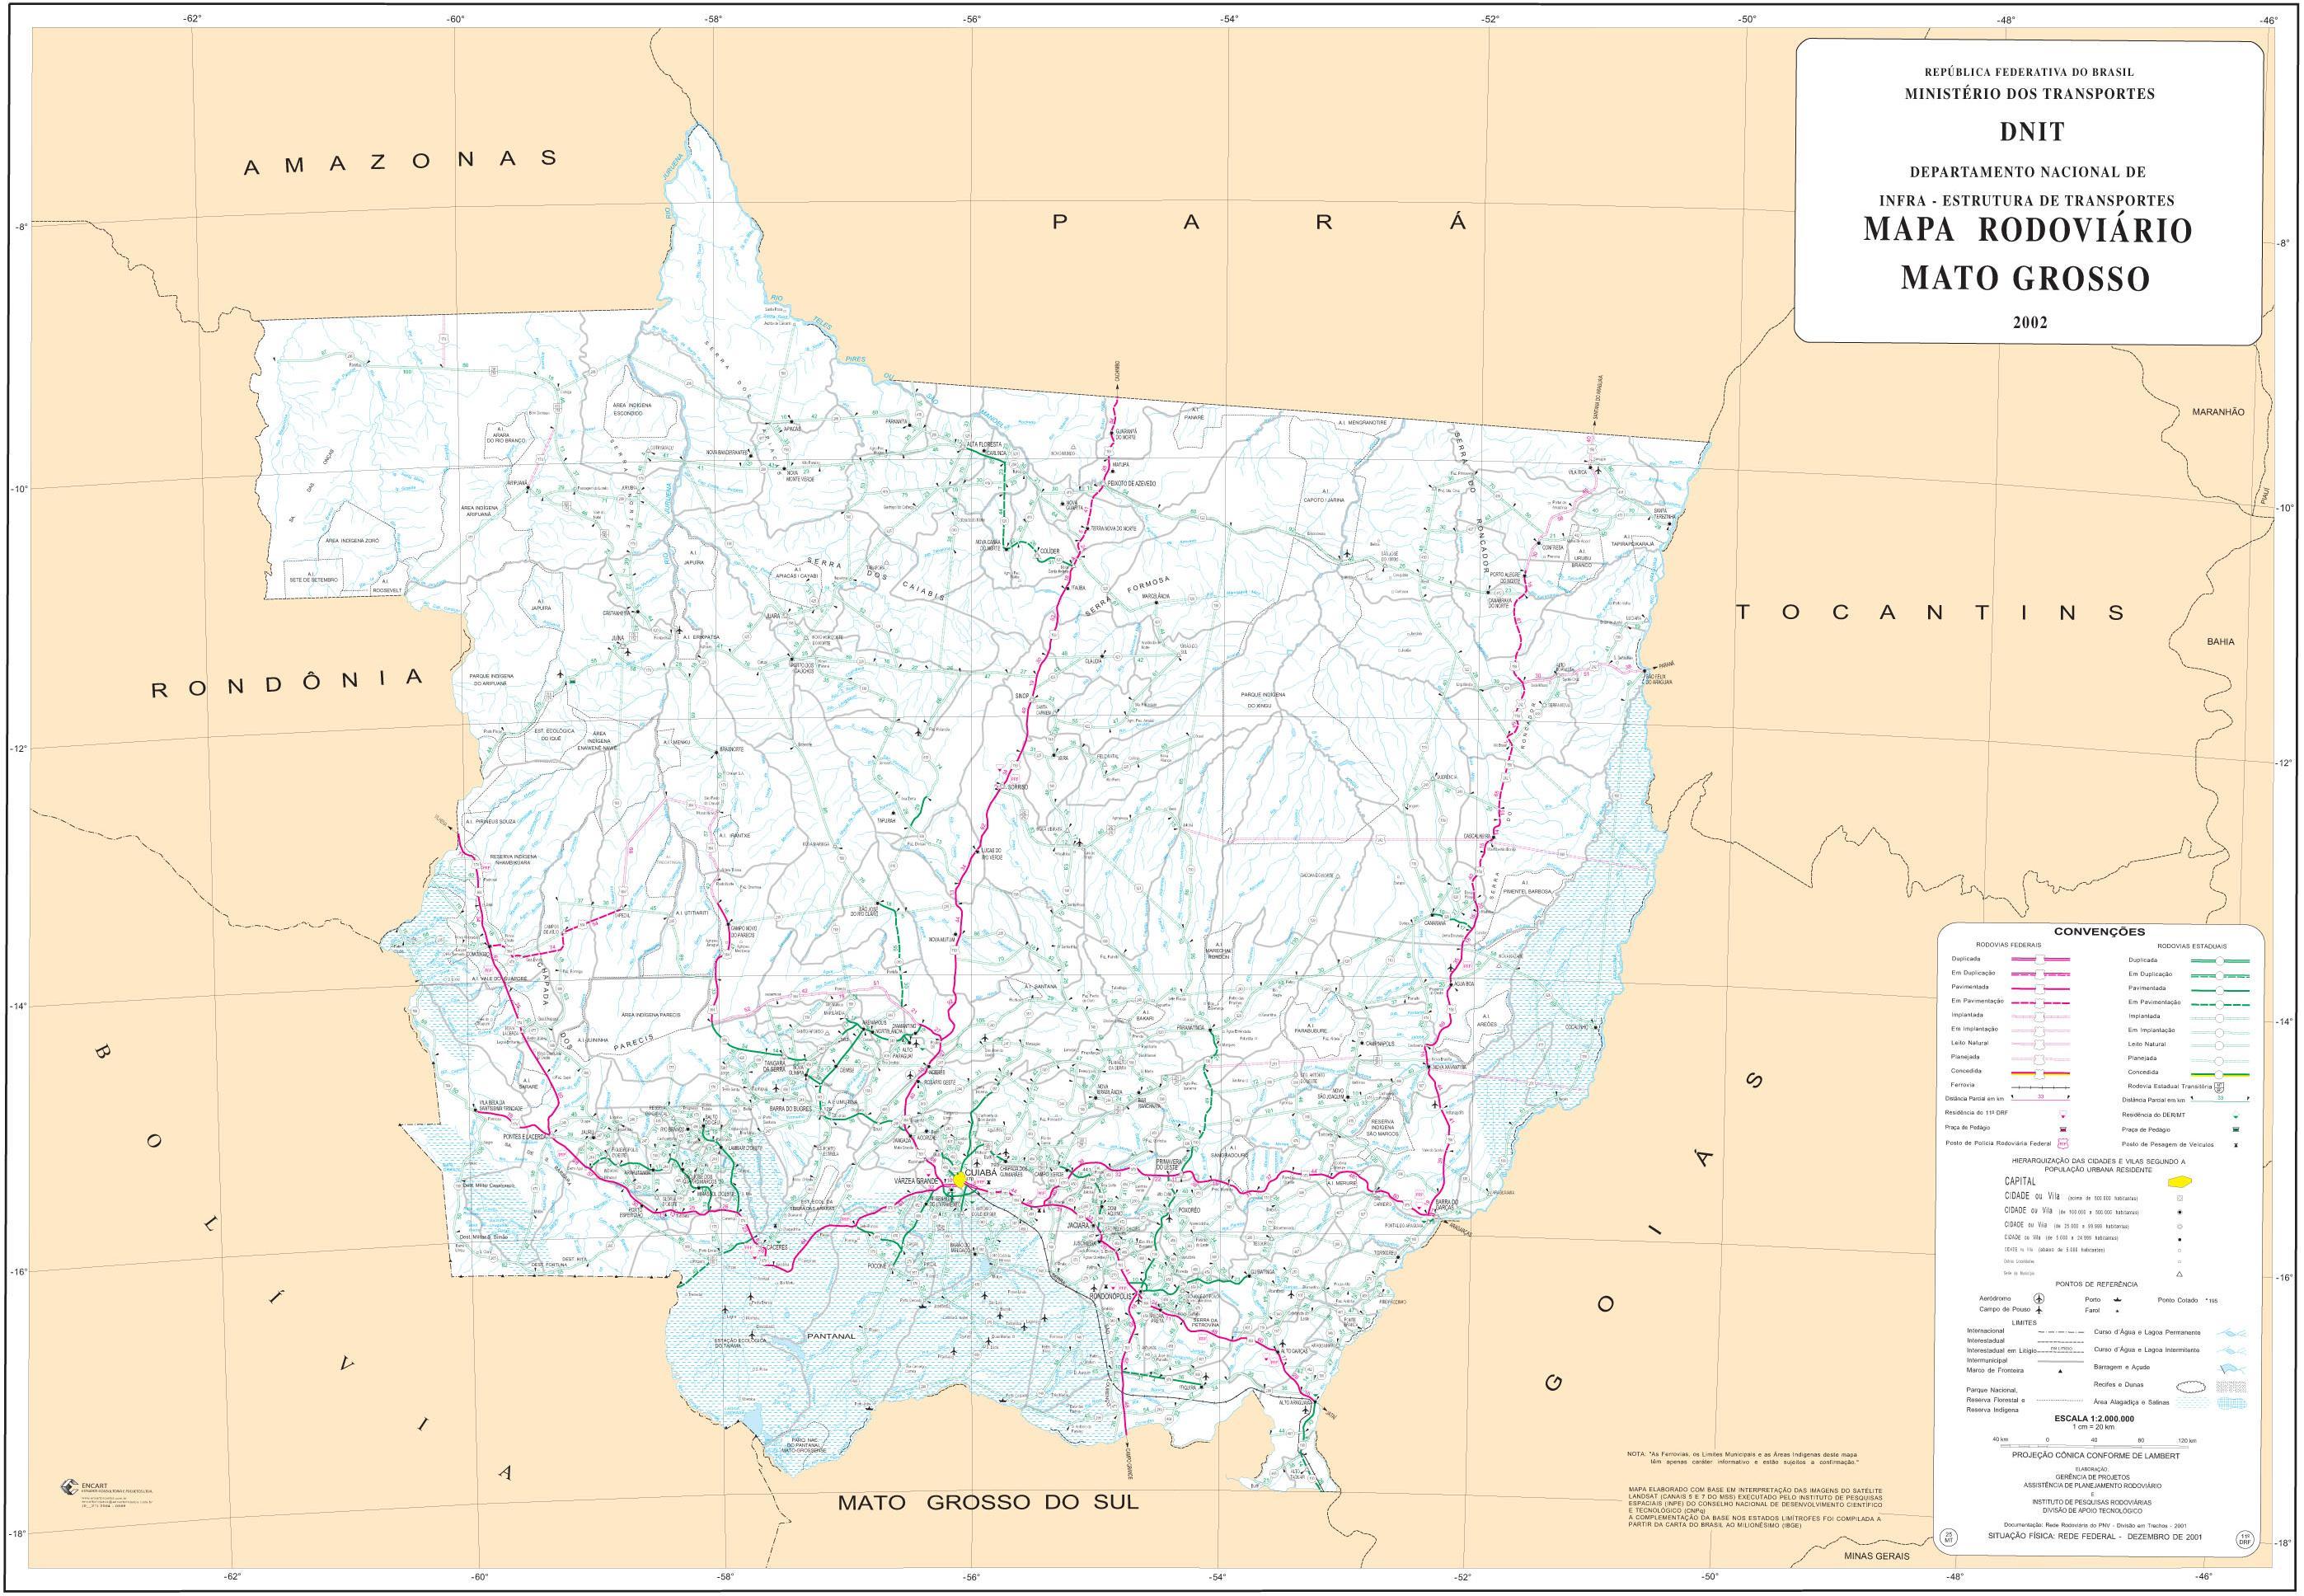 Mapa de Carreteras Federales y Estatales del Edo. de Mato Grosso, Brasil